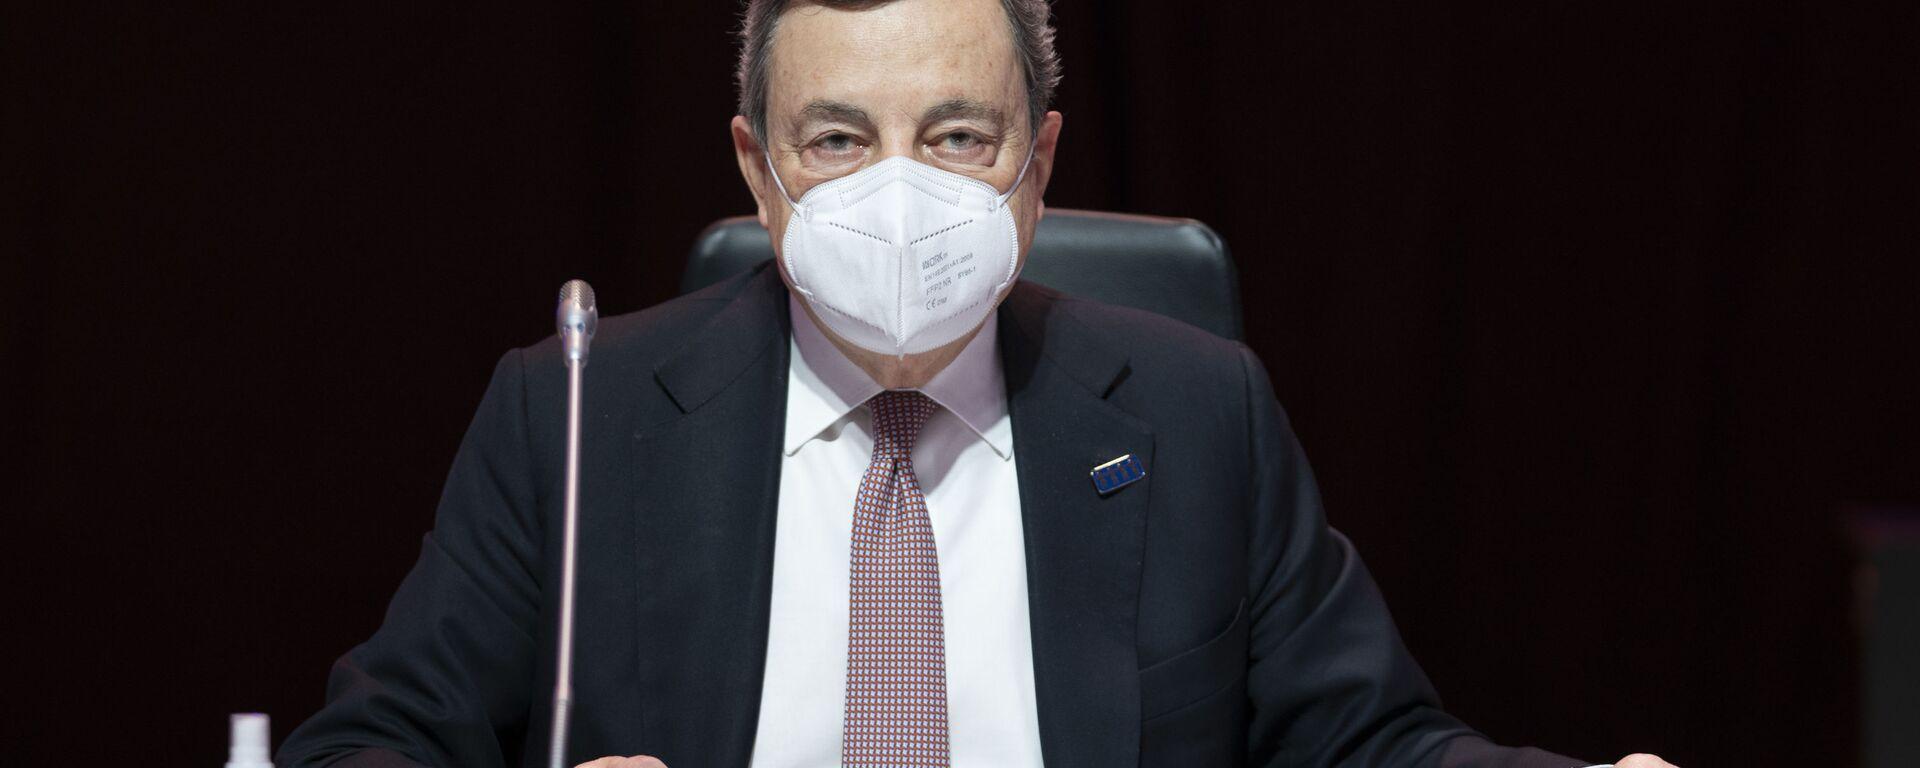 Il Presidente del Consiglio, Mario Draghi, alla Riunione informale dei Capi di Stato e di Governo del Consiglio europeo. - Sputnik Italia, 1920, 23.05.2021